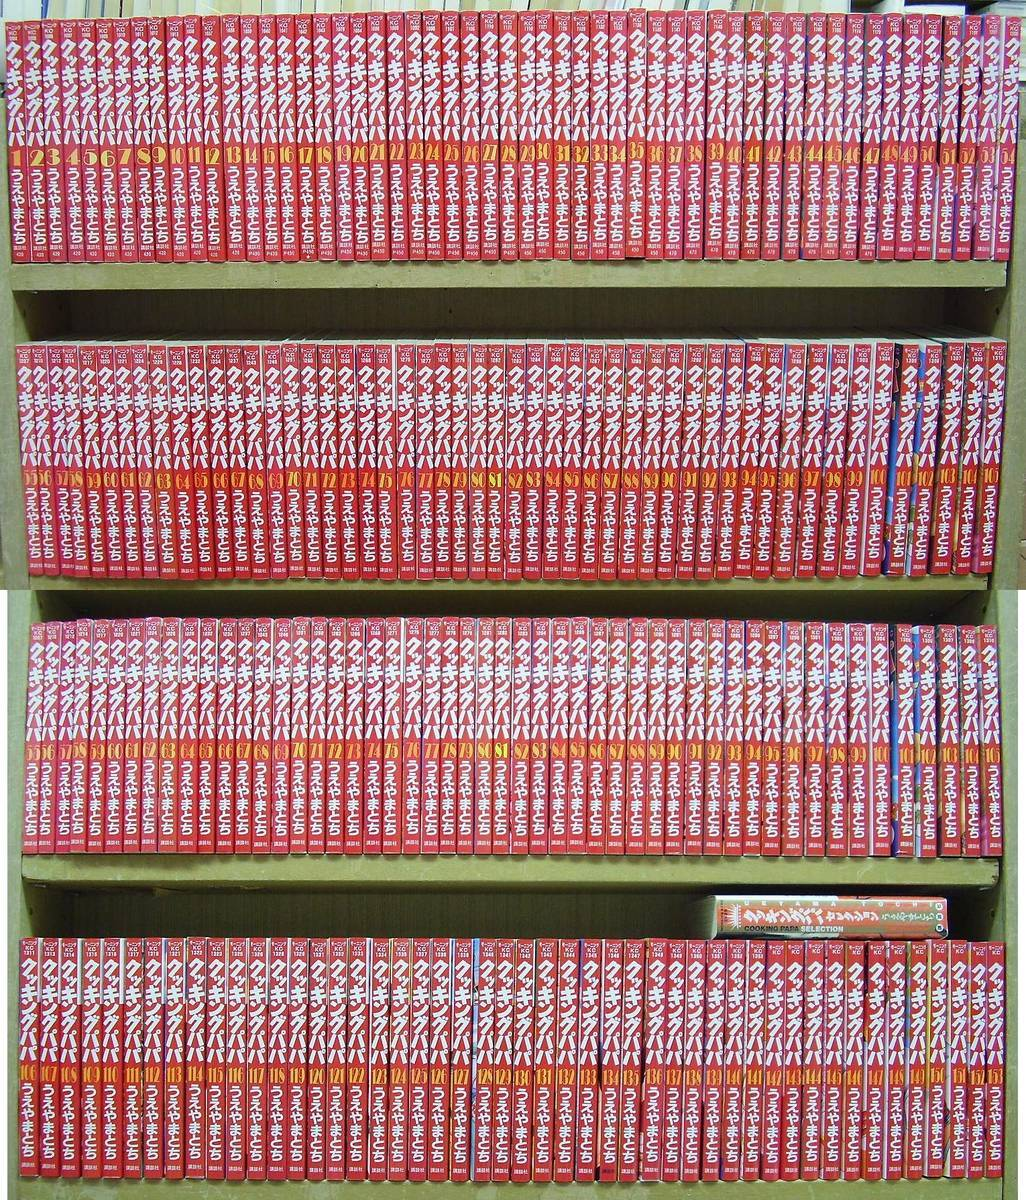 f:id:books_channel:20201211195206j:plain